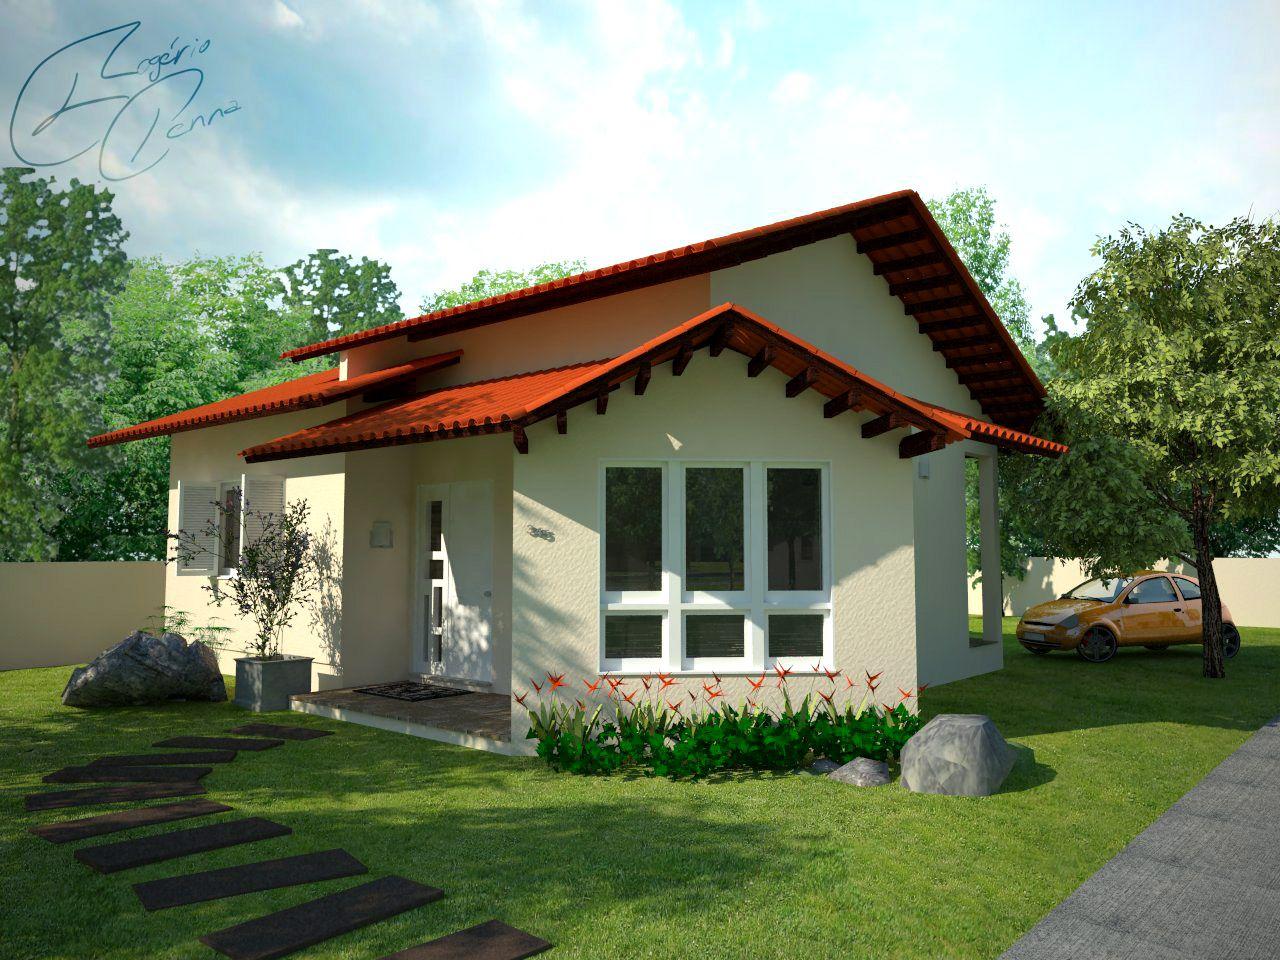 imagenes de modelos de casas sencillas | Bordas | Pinterest ...